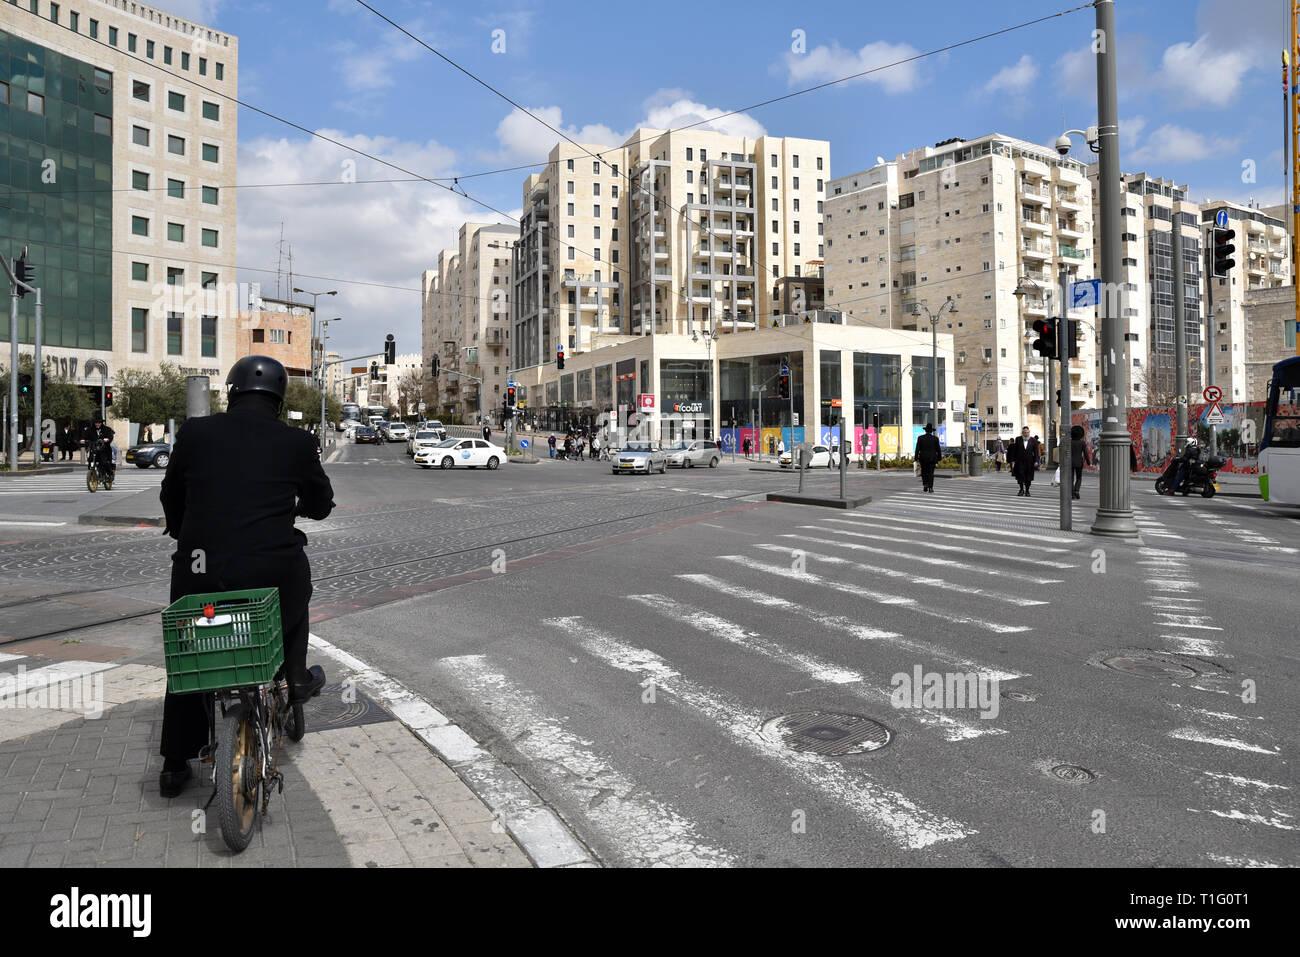 Nordau Square a junction in West Jerusalem - Stock Image